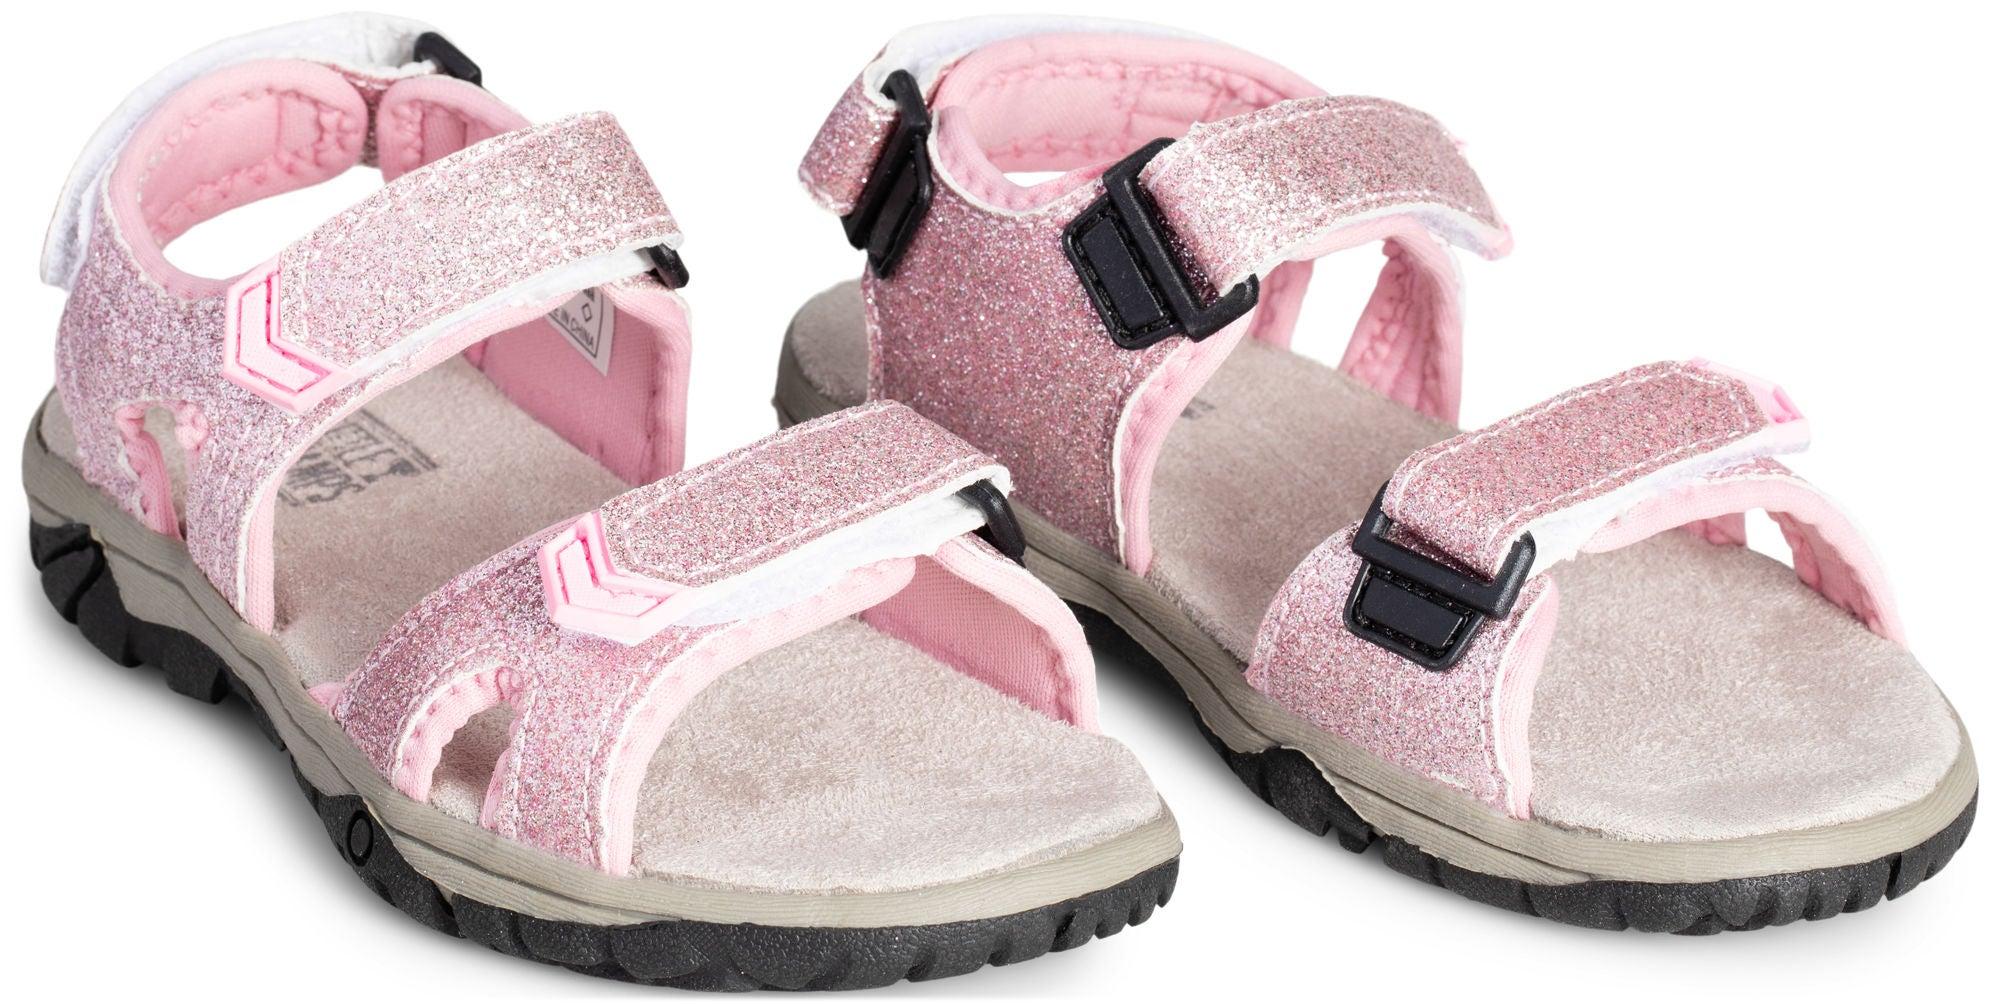 e36a0c7385e Børnesko | Stort udvalg af sko og støvler til børn | Jollyroom